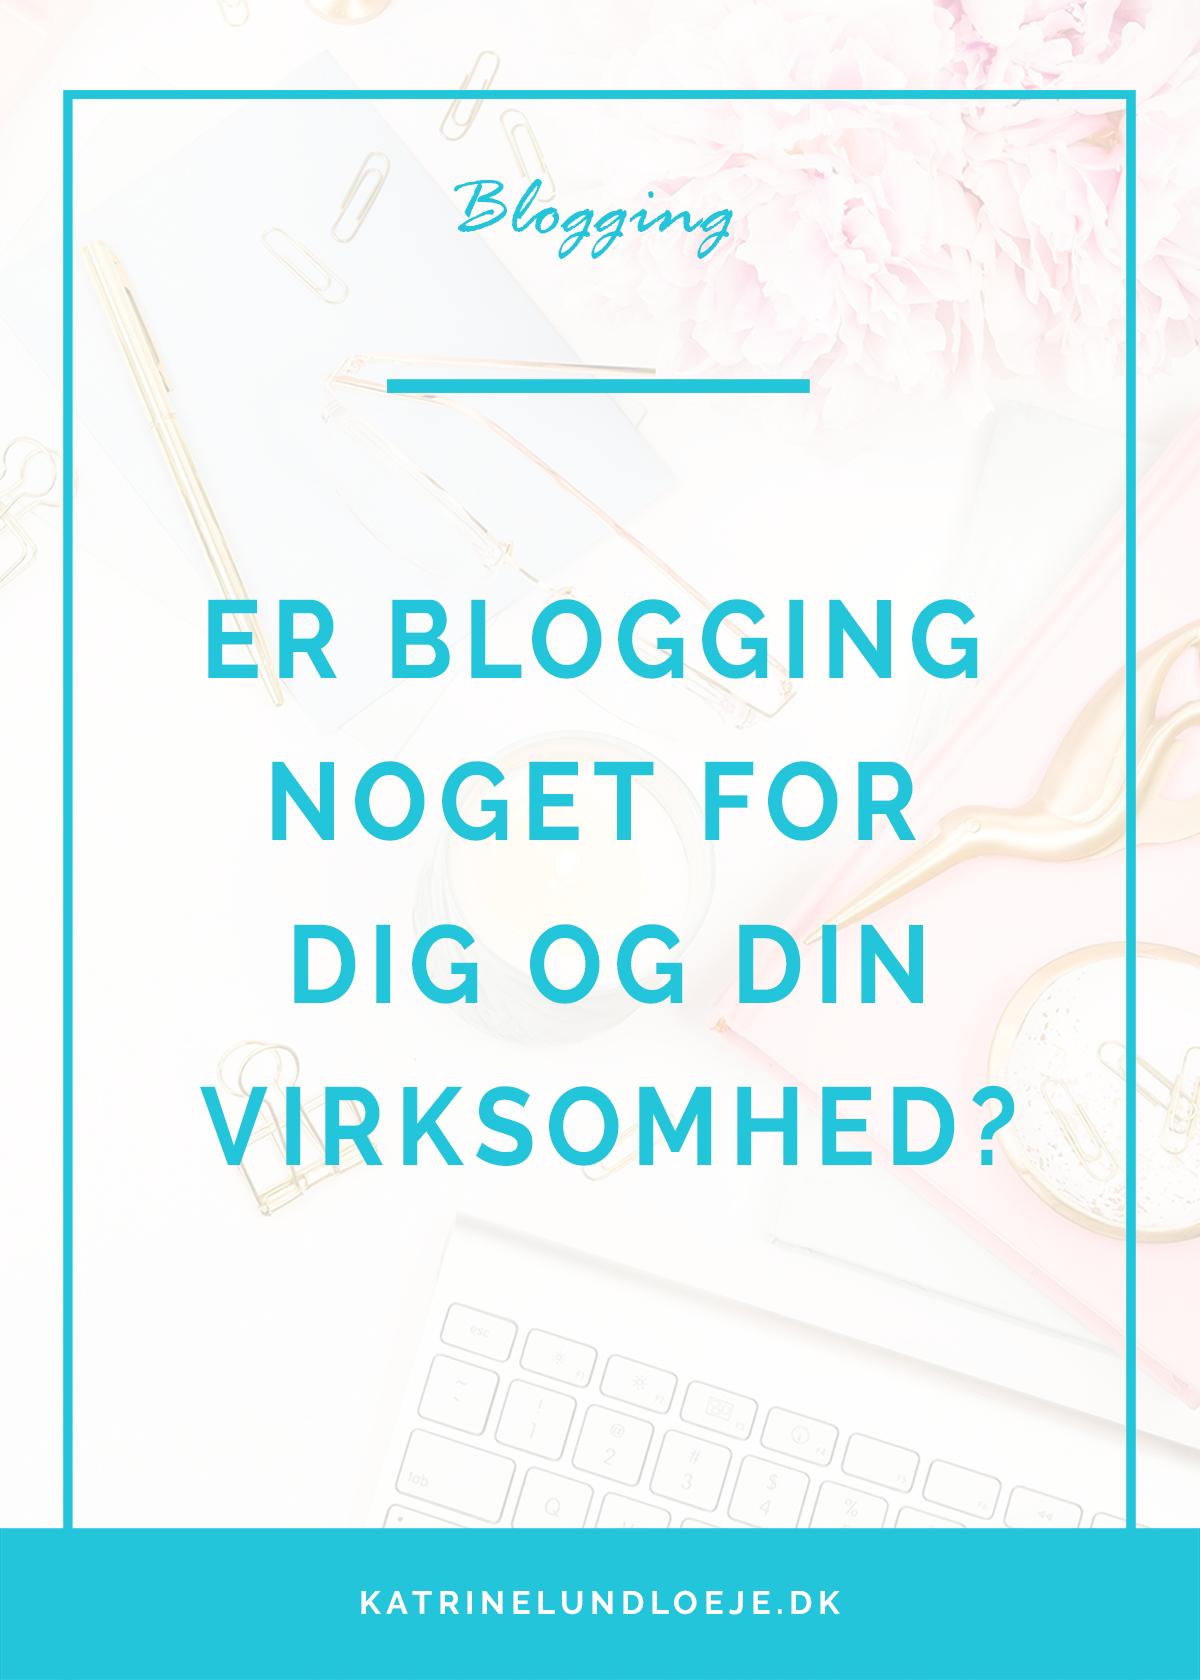 er blogging noget for dig og din virksomhed?